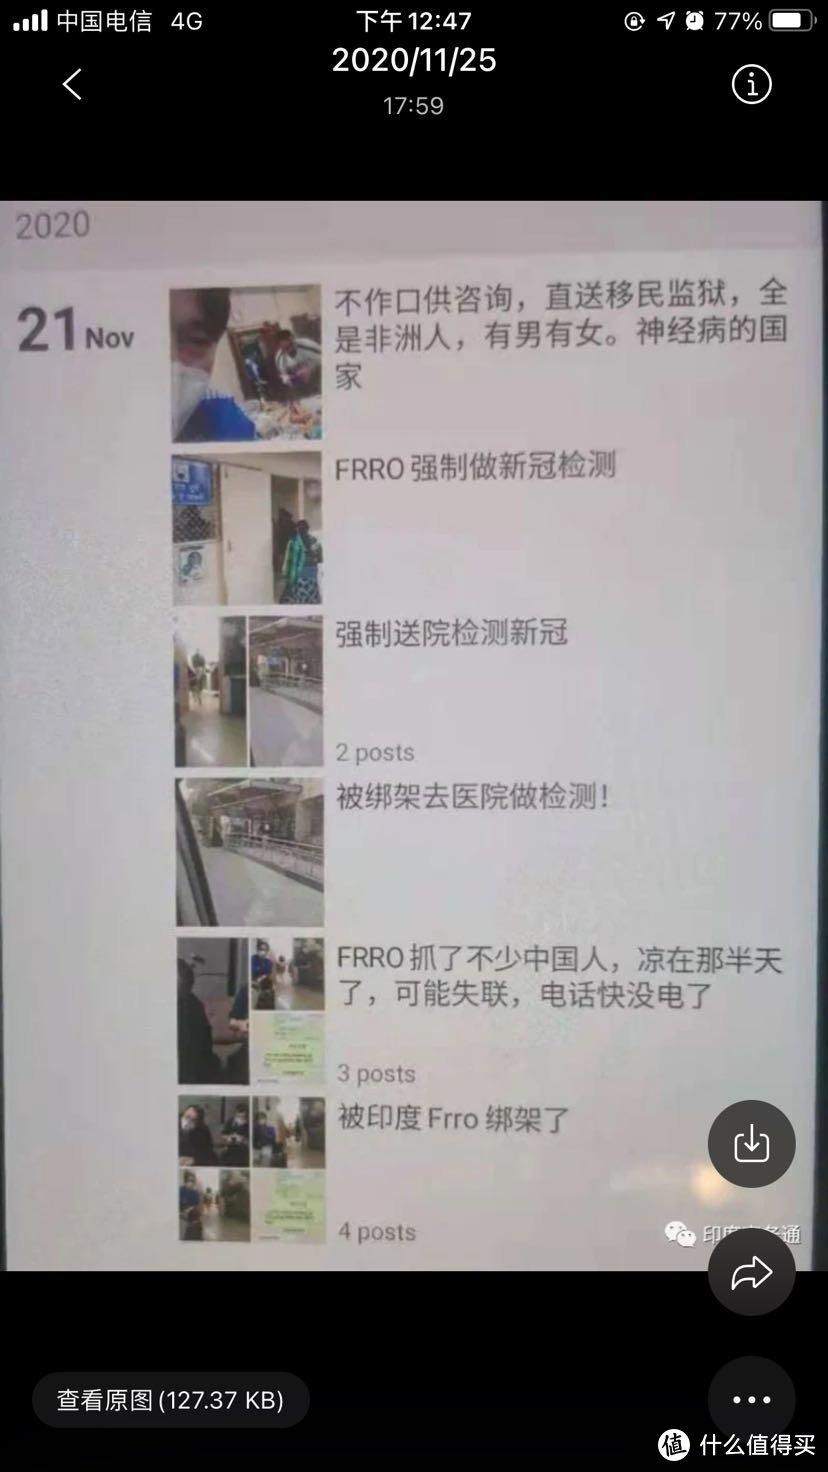 被移民局FRRO抓走的中国人在里面,大家只能睡地上,每个人发一个毛毯。三餐都是土豆泥和洋葱。对了。没有筷子,只能用手。